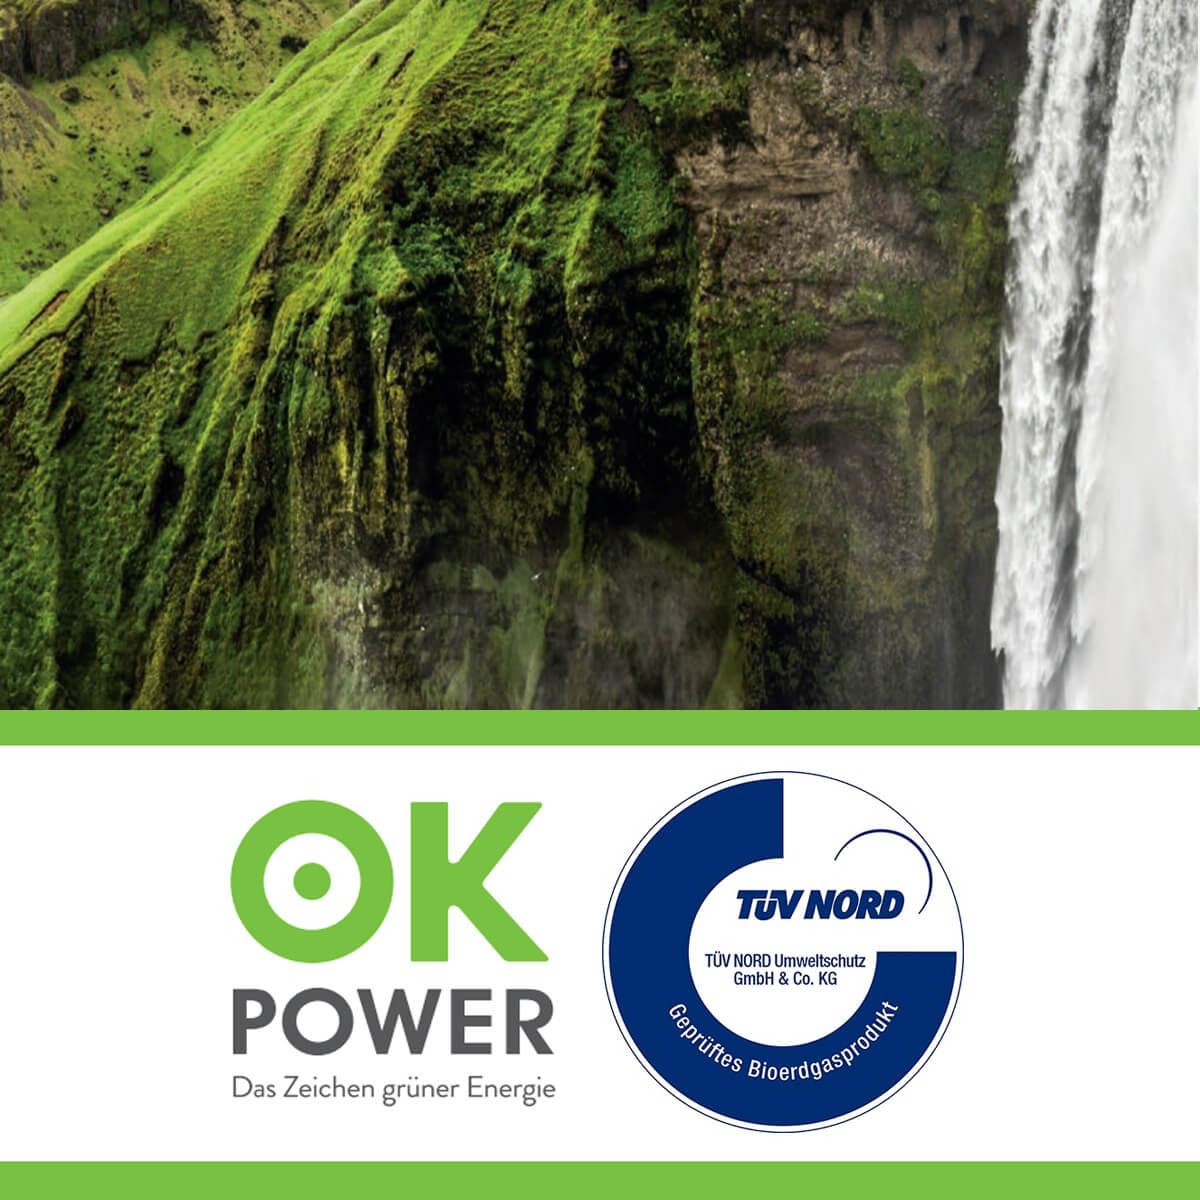 schaebens-gruener-strom-oekostrom-wasserkraftanlage-natur-nachhaltig-nachhaltigkeit-umwelt-umweltschutz-klima